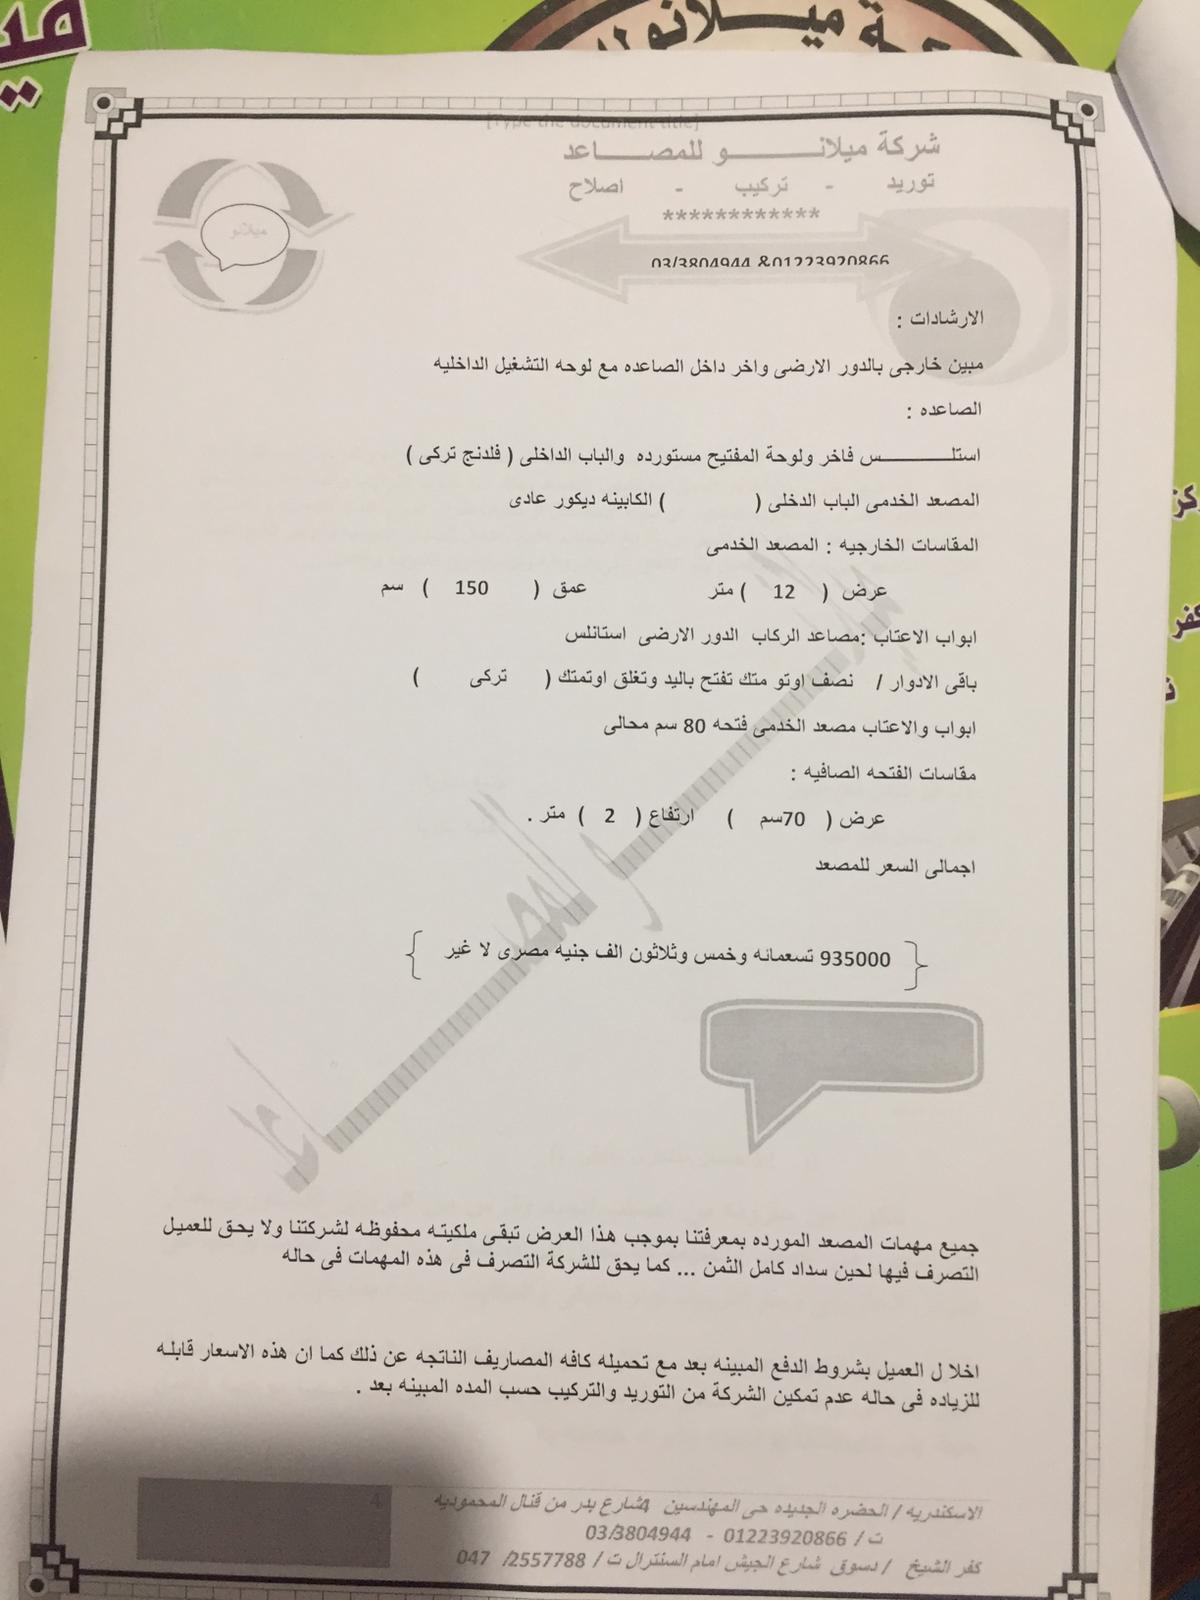 أزمة مشروع سيتي بالاس بالإسكندرية (56)